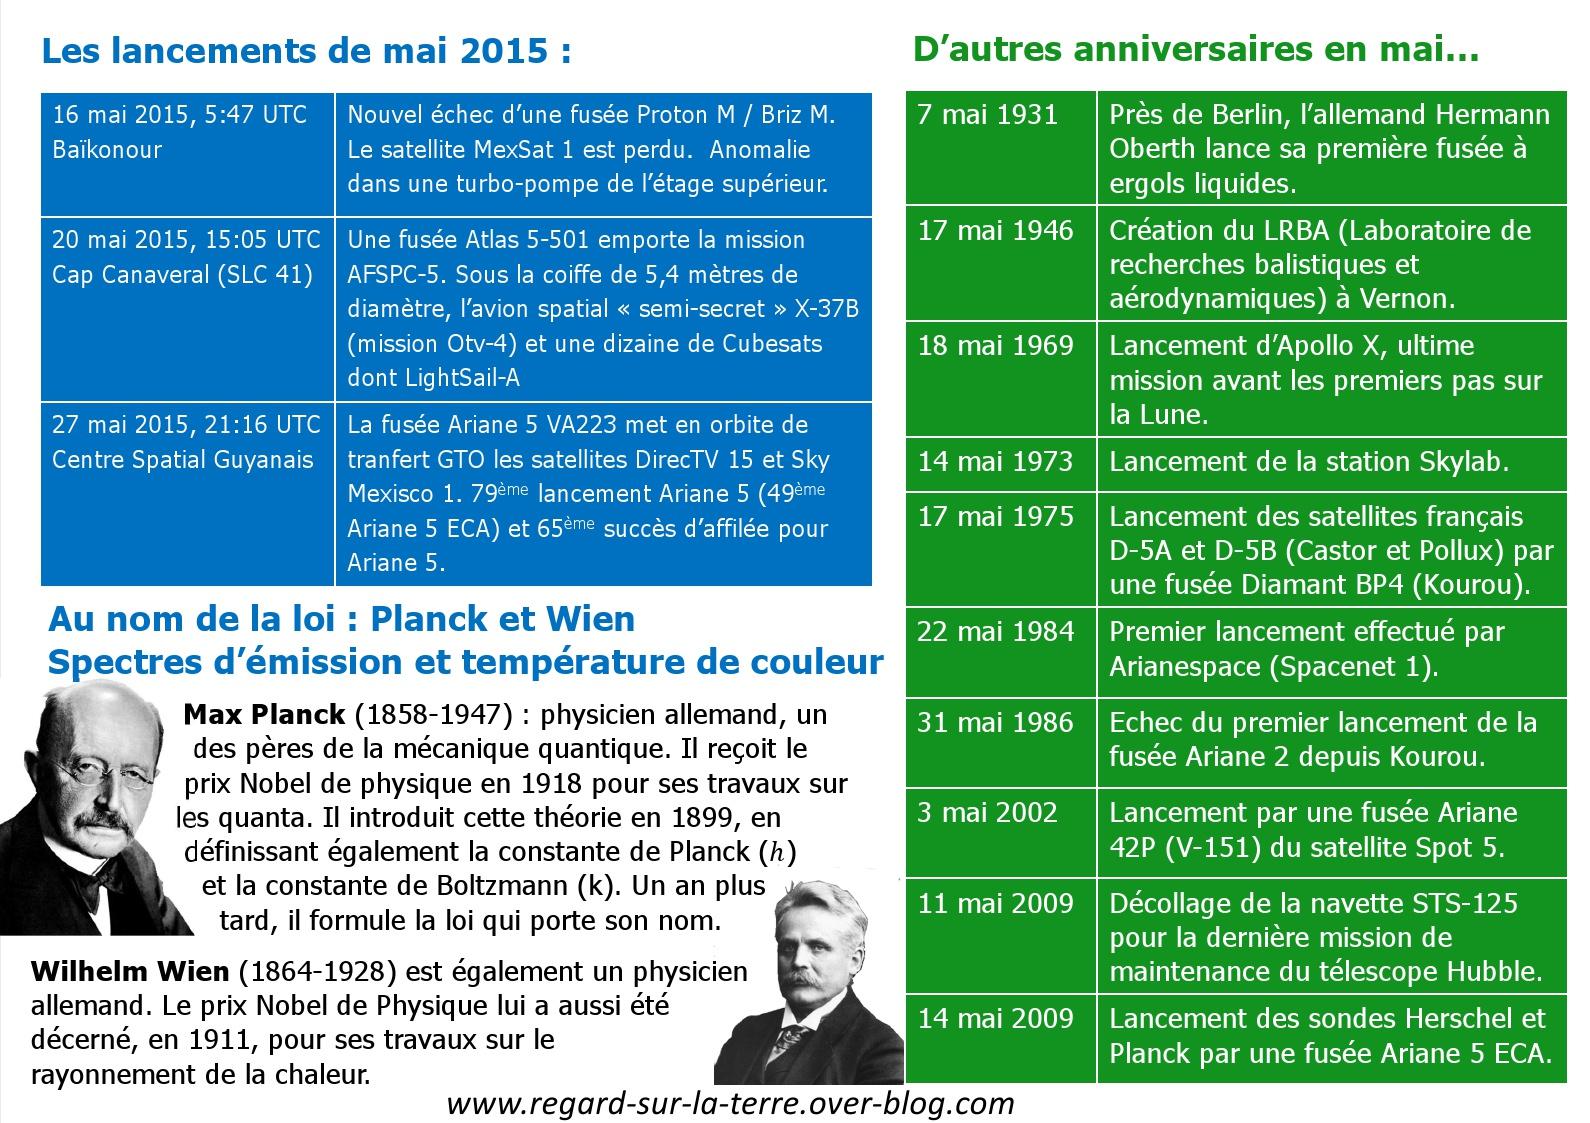 Lancements et mises en orbite de satellite - Mai 2015 - Premières spatiales et dates à retenir en mai